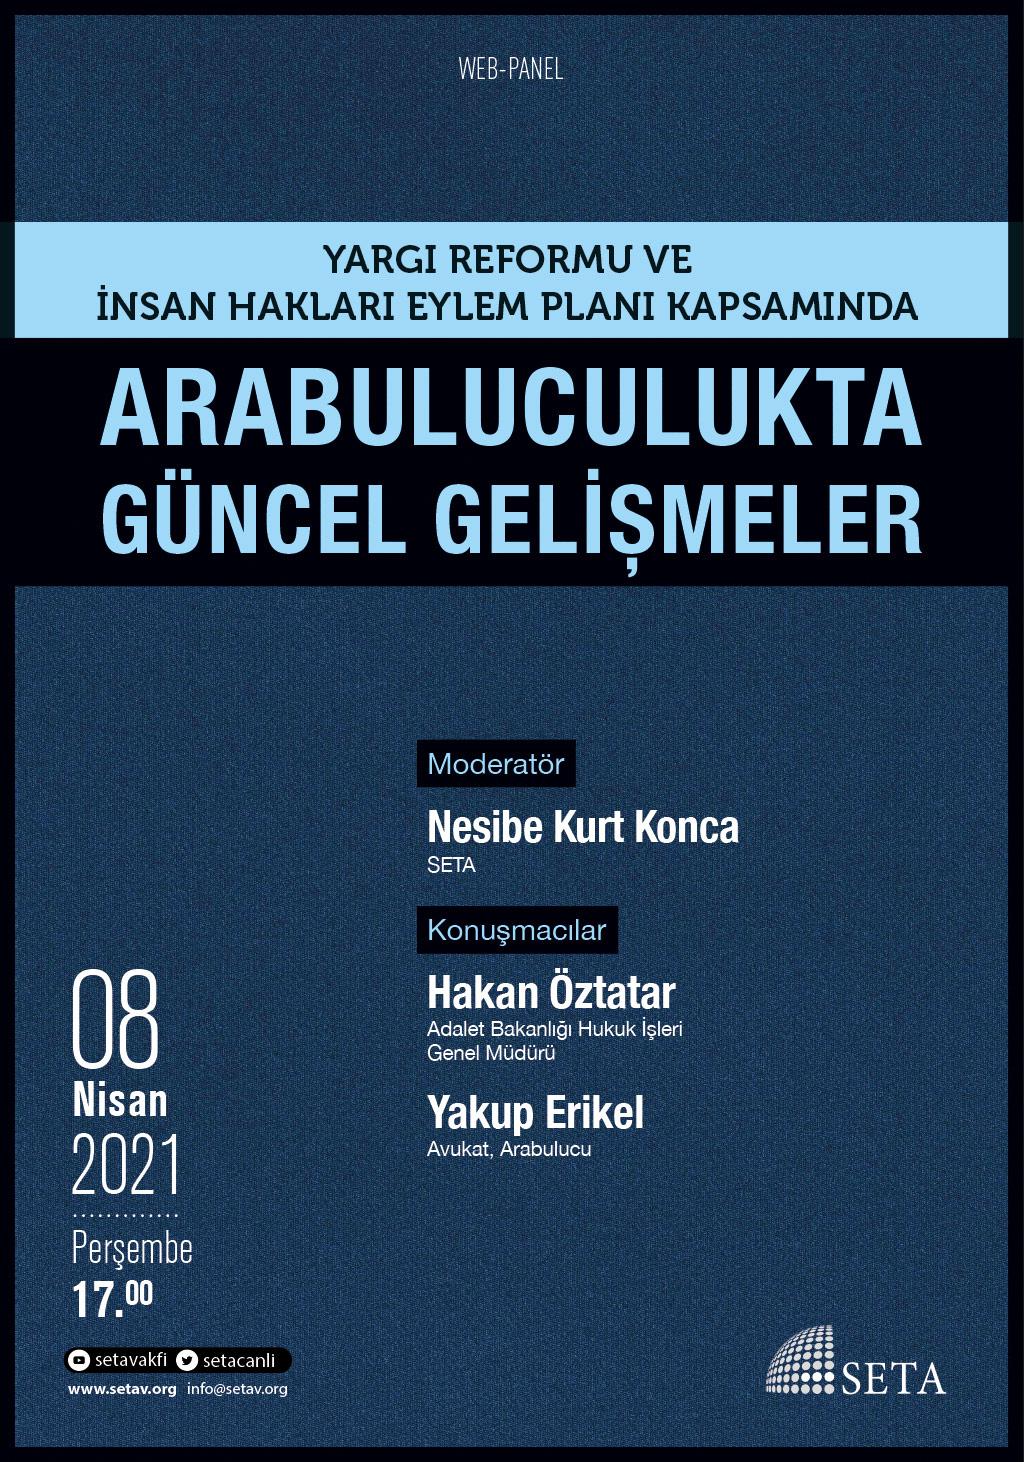 Web Panel: Yargı Reformu ve İnsan Hakları Eylem Planı Kapsamında Arabuluculukta Güncel Gelişmeler